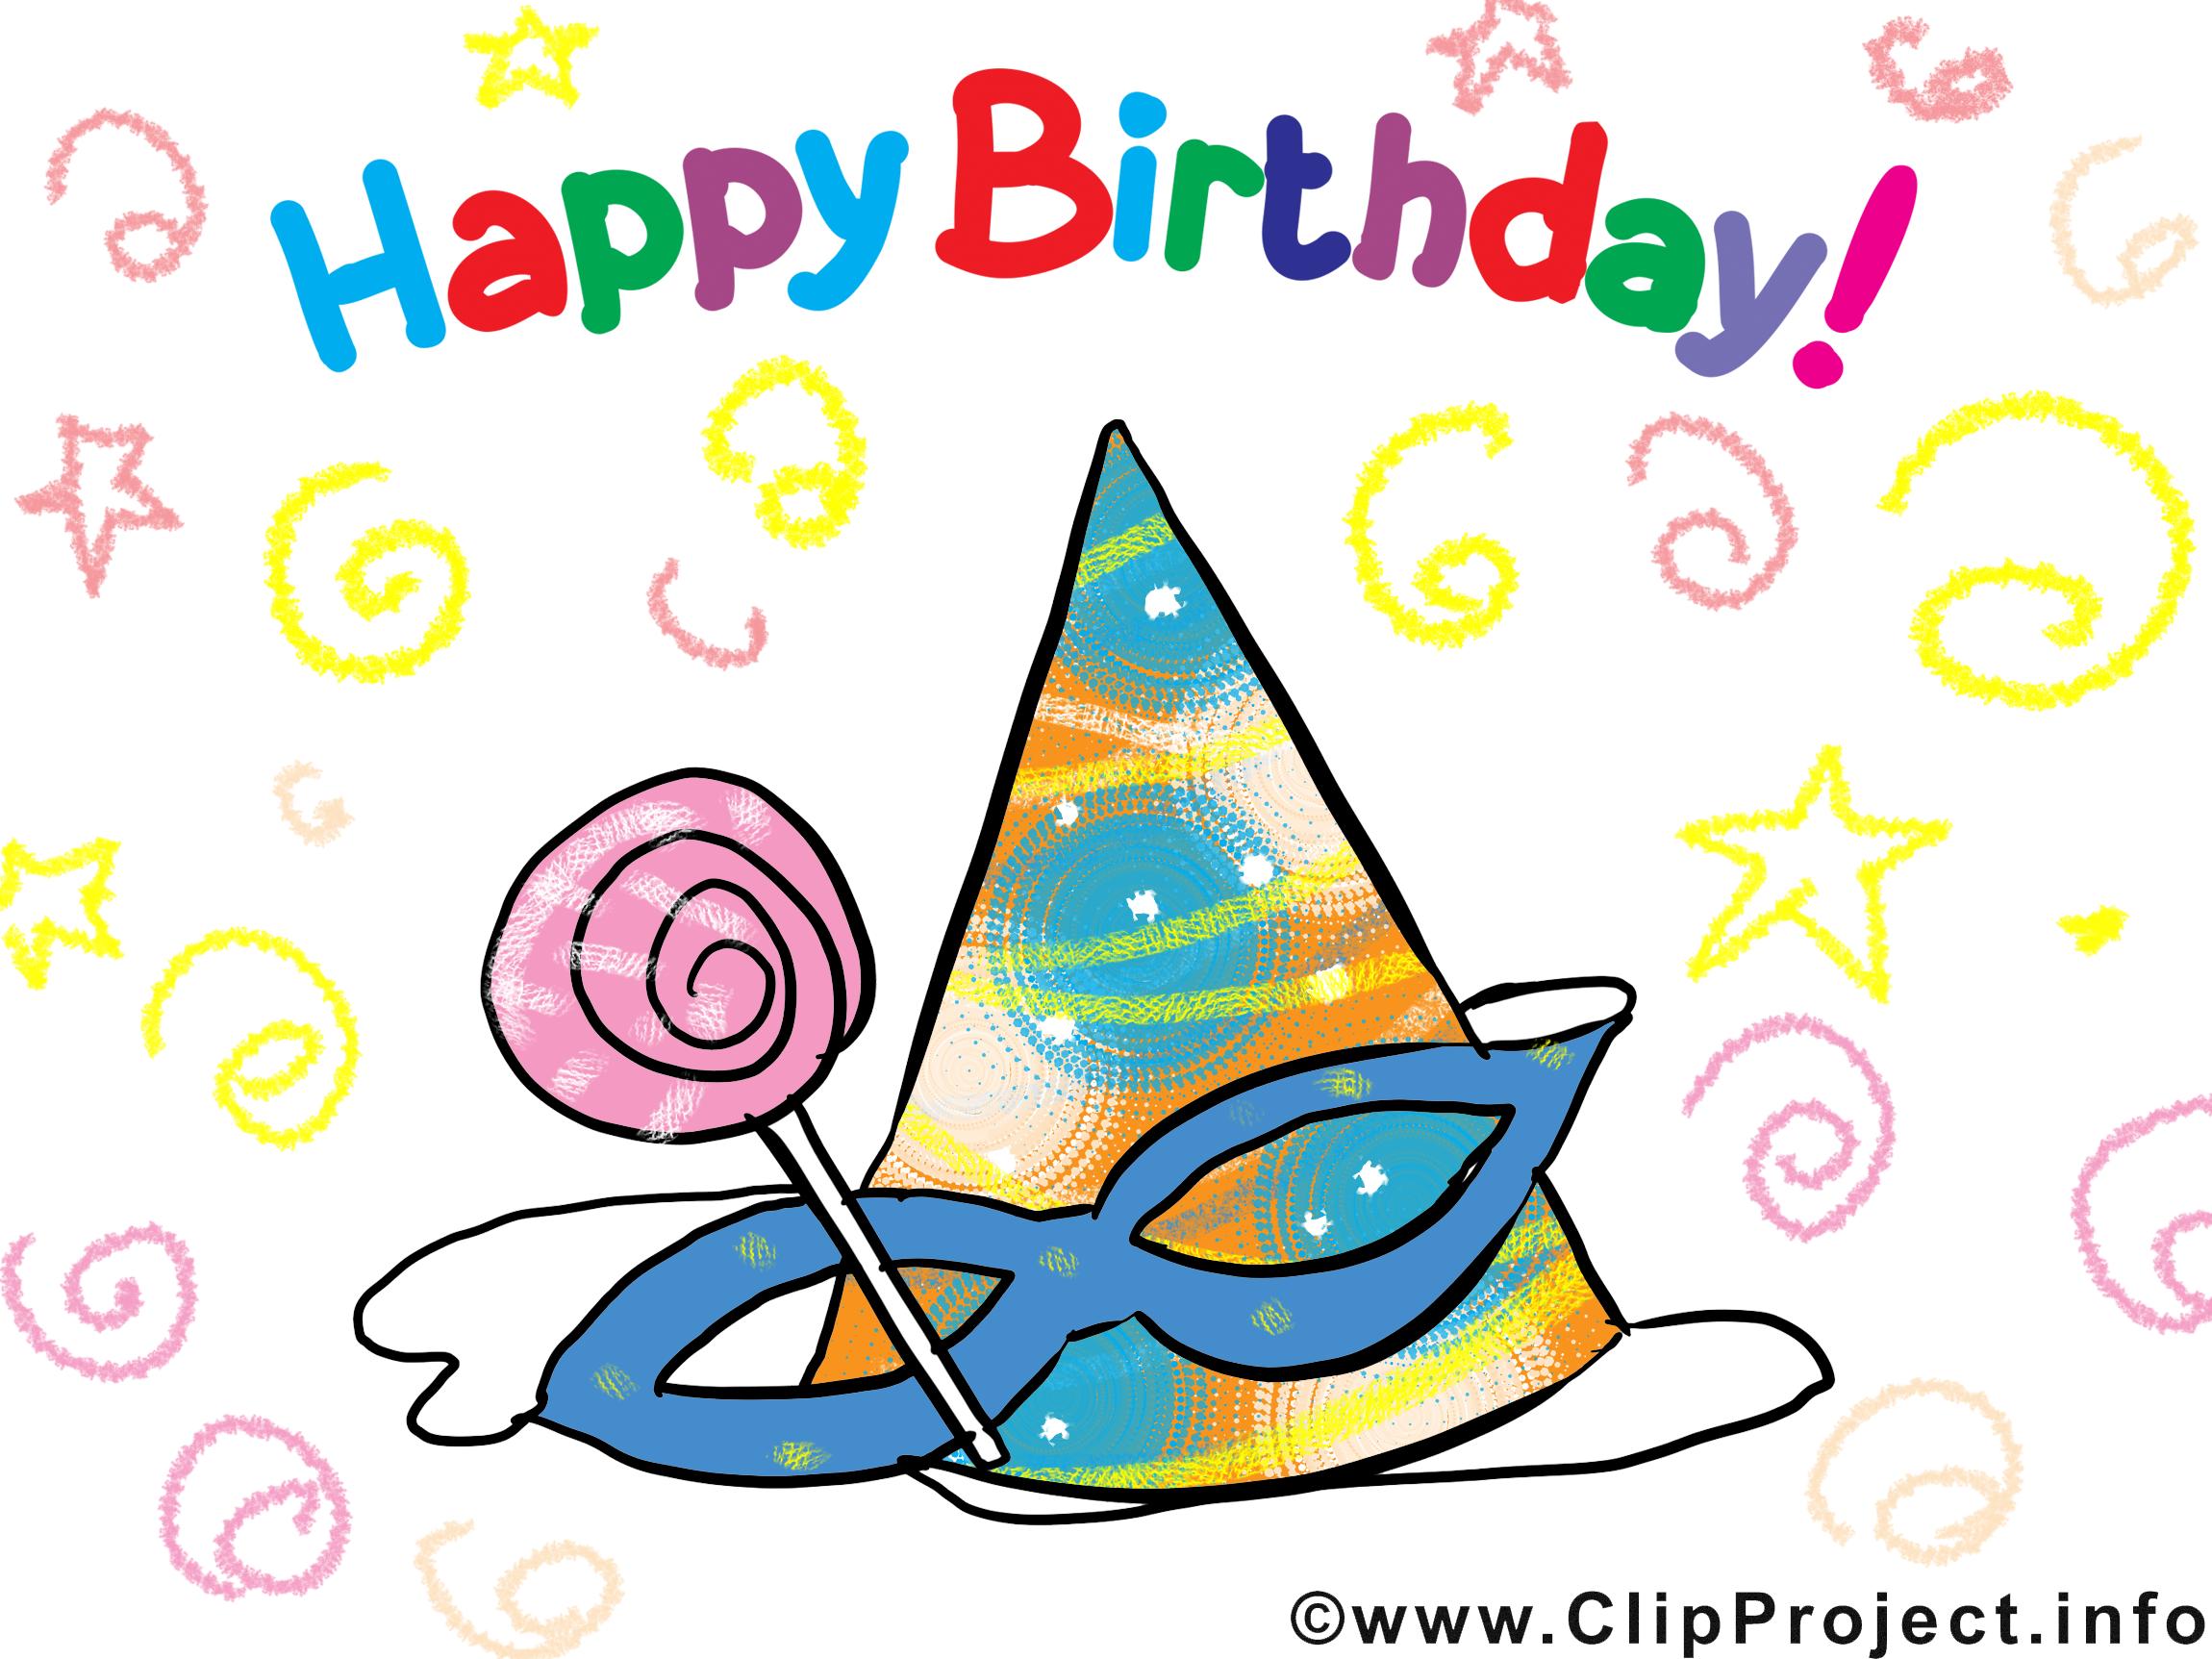 Joyeux anniversaire image t l charger clipart cartes virtuelles anniversaire dessin picture - Clipart anniversaire gratuit telecharger ...